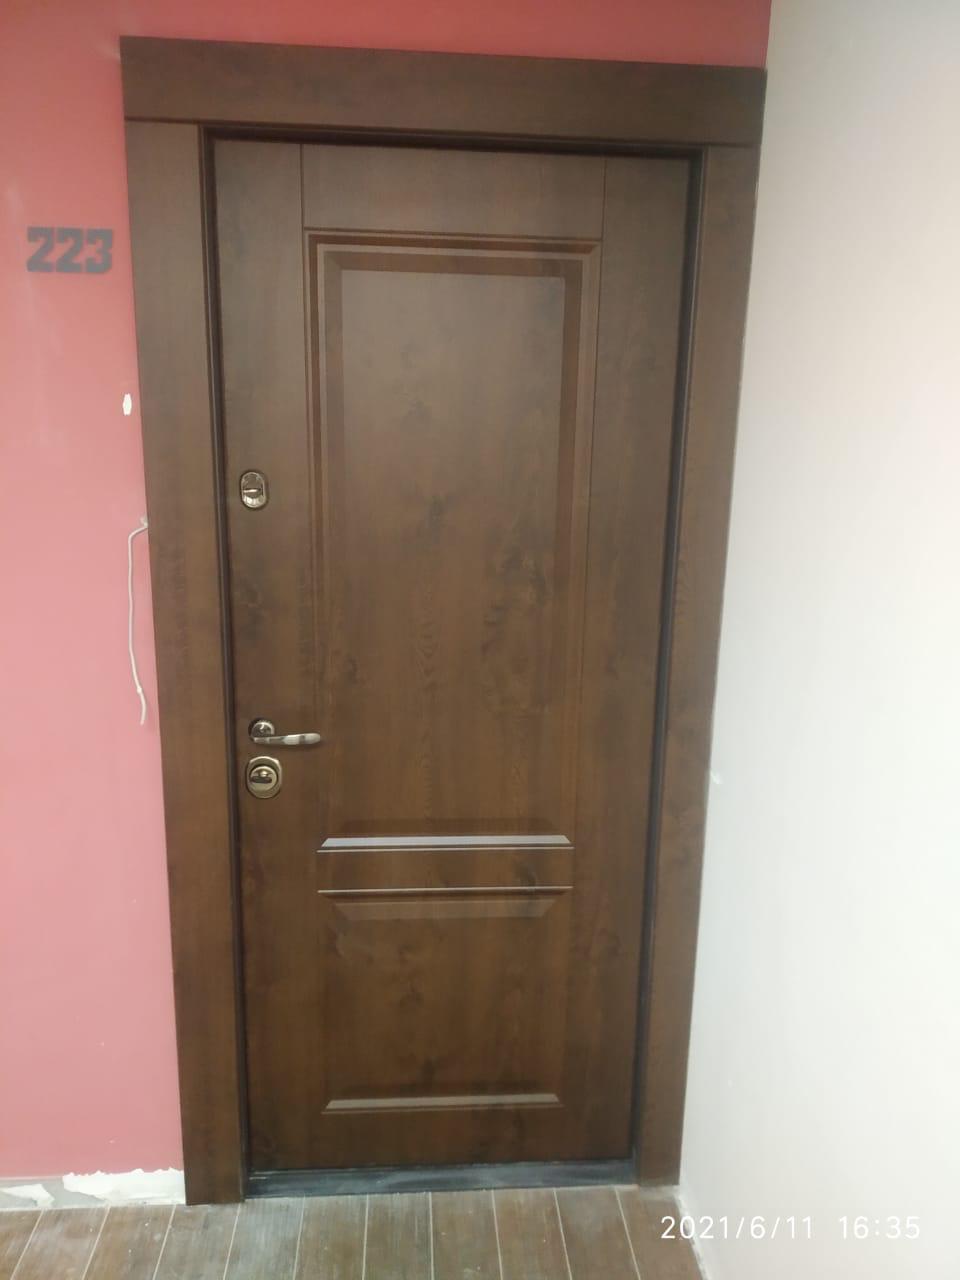 Входная дверь внутреннего открывания стальная линия отделка дуб тёмный рисунок П-31